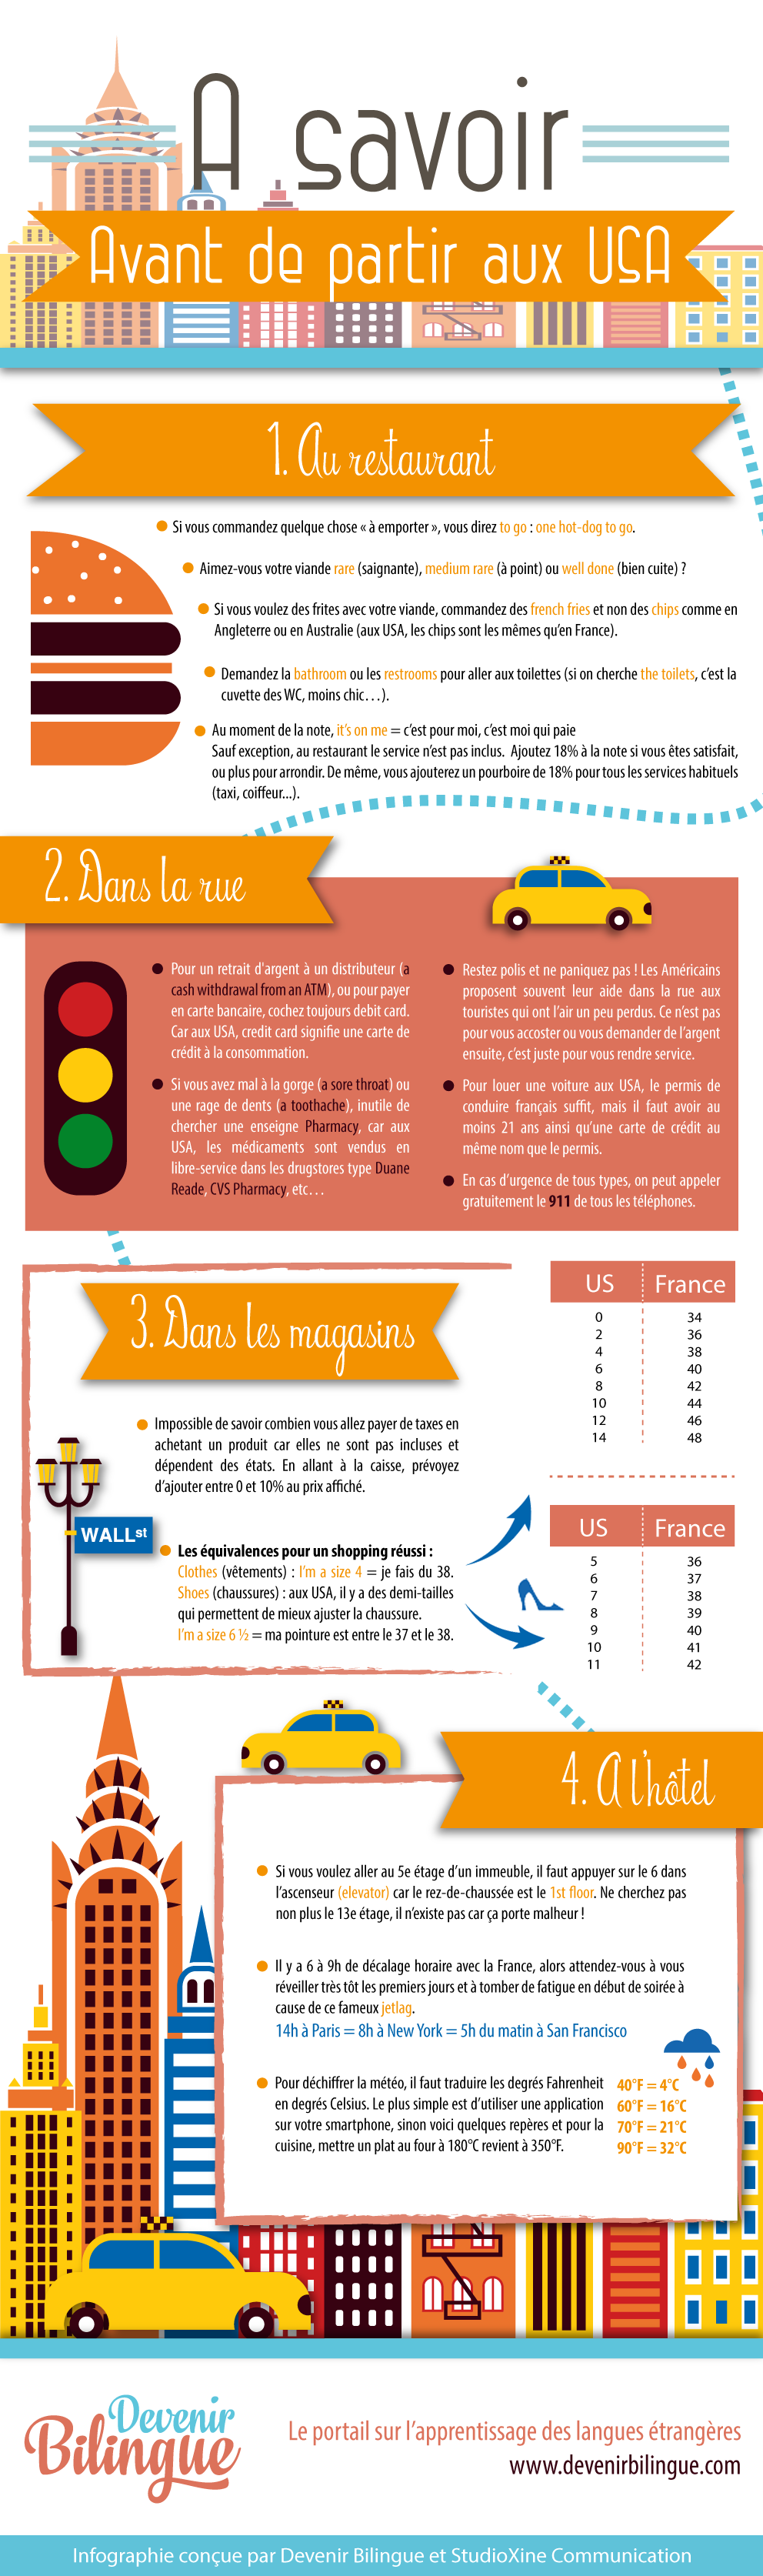 Infographie - A savoir avant de partir aux USA